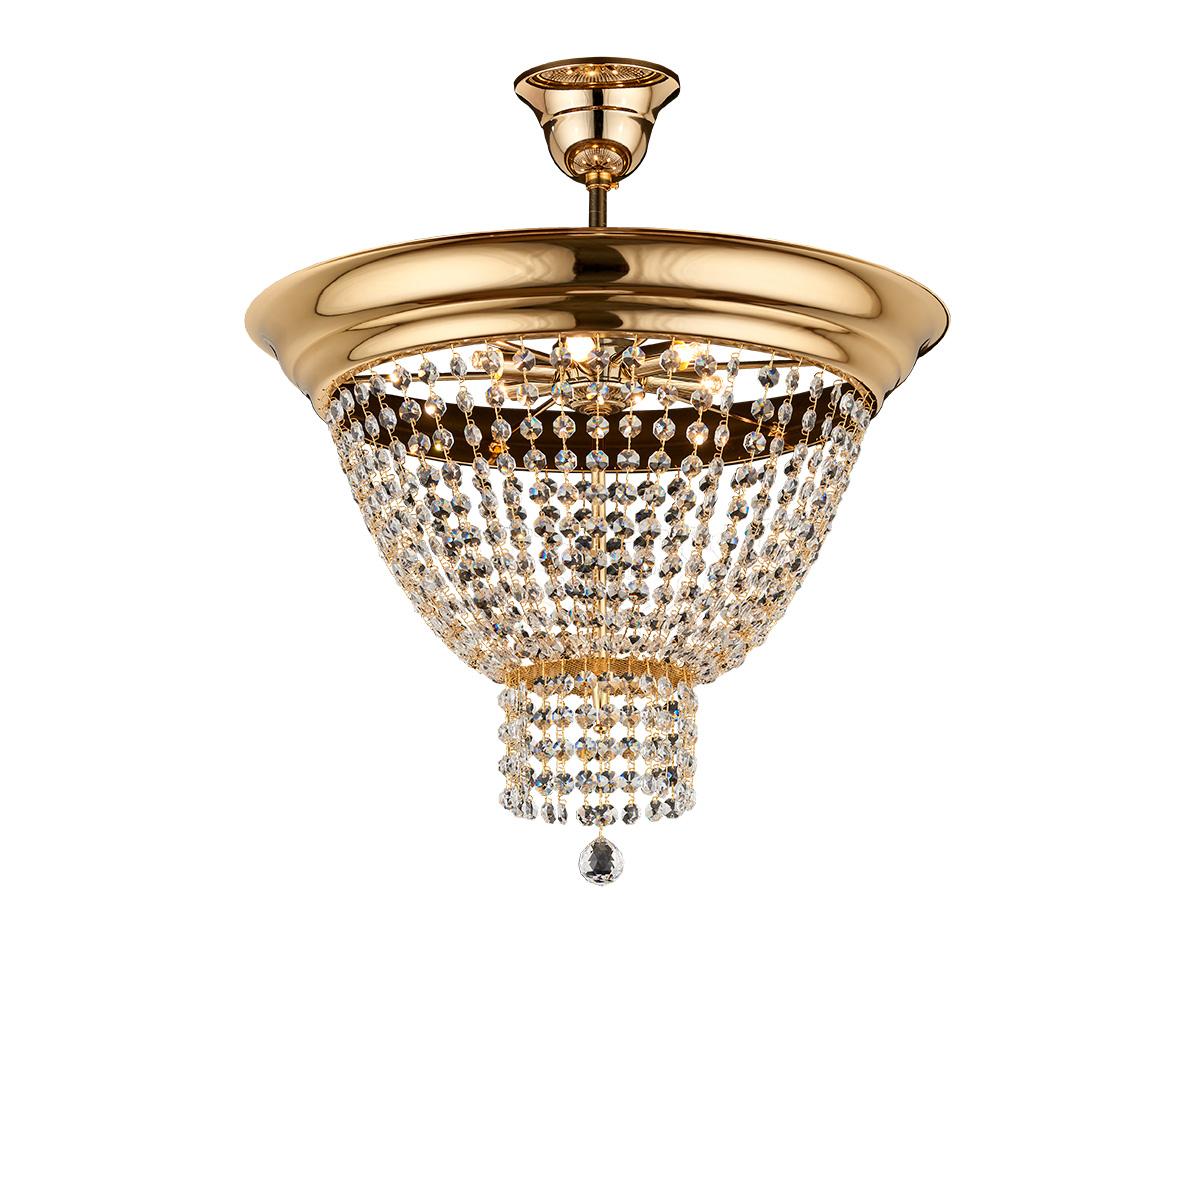 Κλασικό φωτιστικό οροφής ΦΑΙΔΡΑ classic ceiling lamp